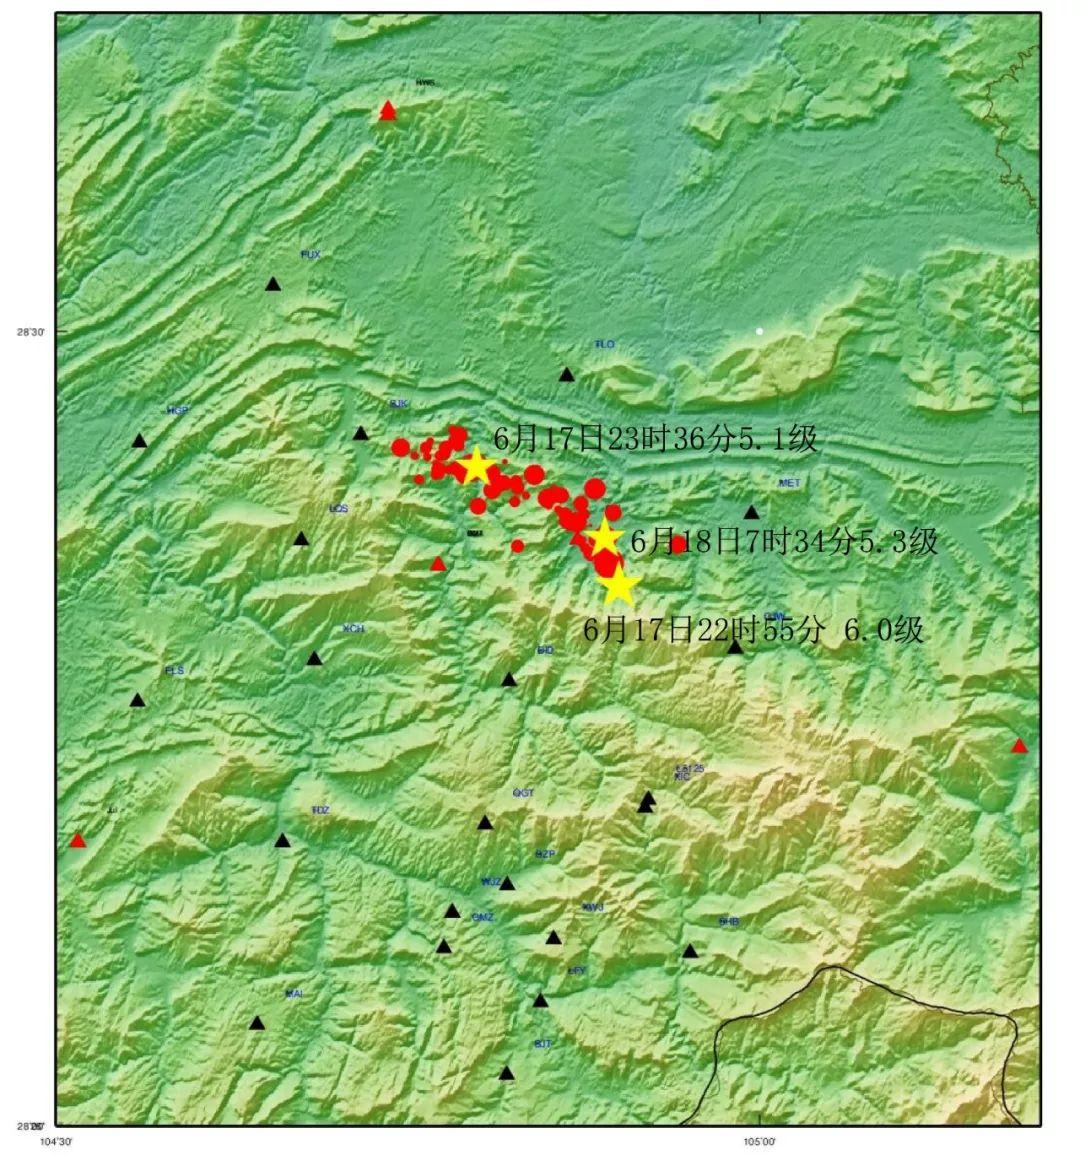 2019年6月17日四川长宁6.0级地震序列分布图(其中三角位观测台站、园和五角星为地震)